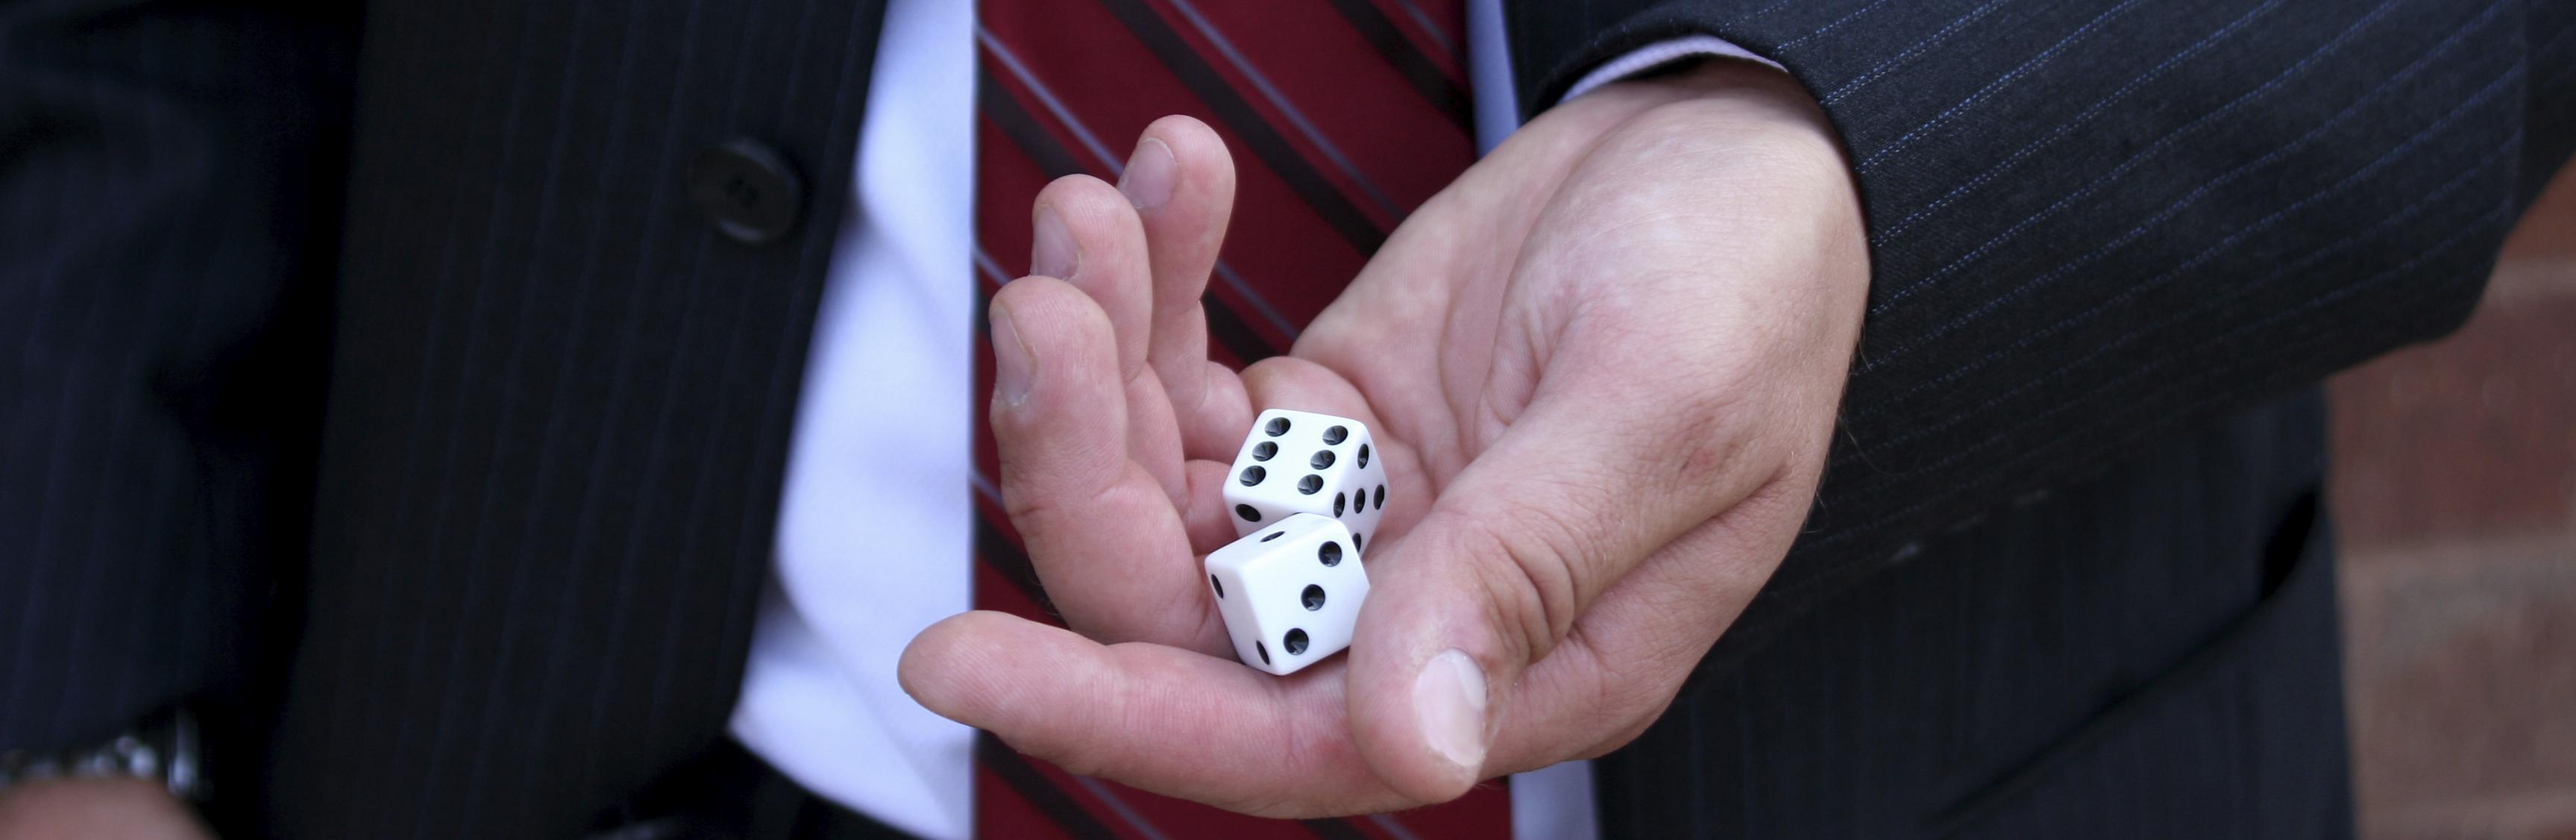 کسب و کار فعالیتی توأم با ریسک